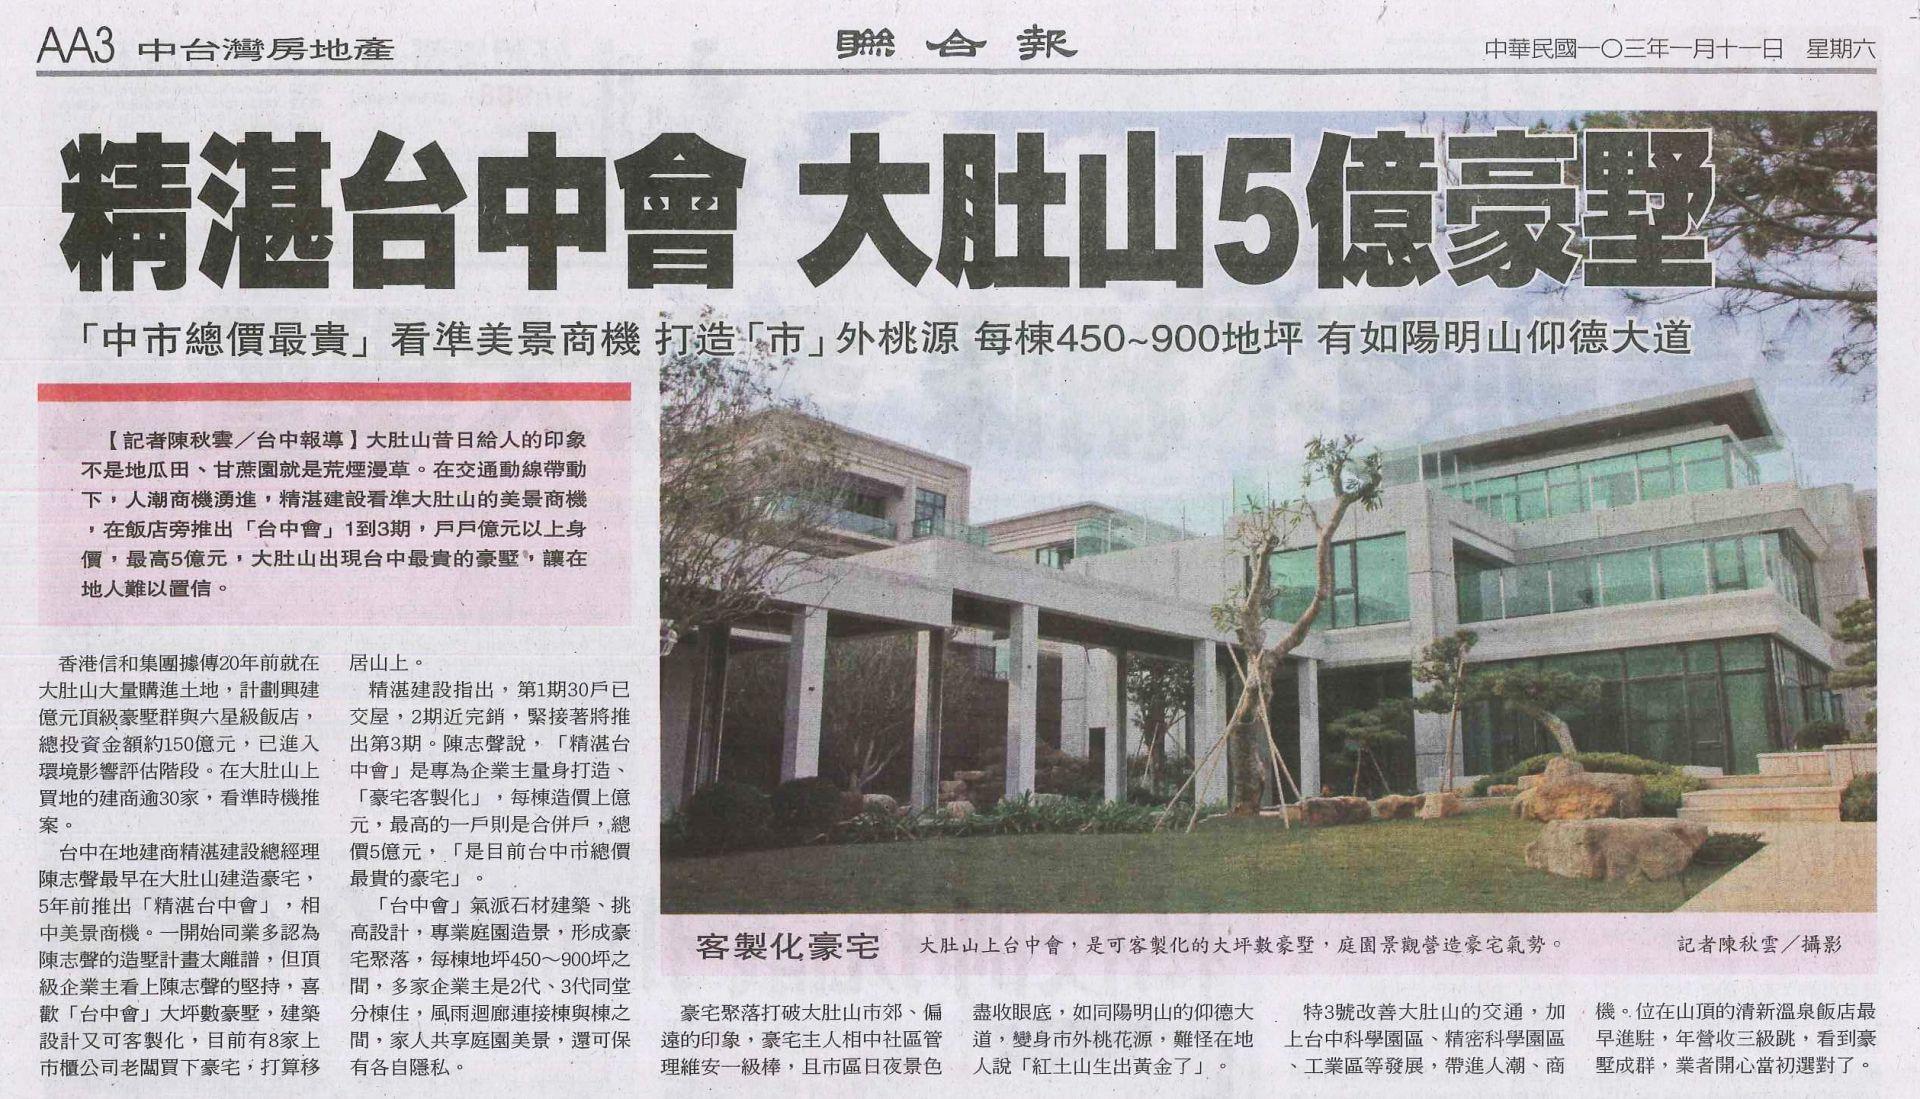 20140111聯合報AA3_精湛台中會 大肚山5億豪墅